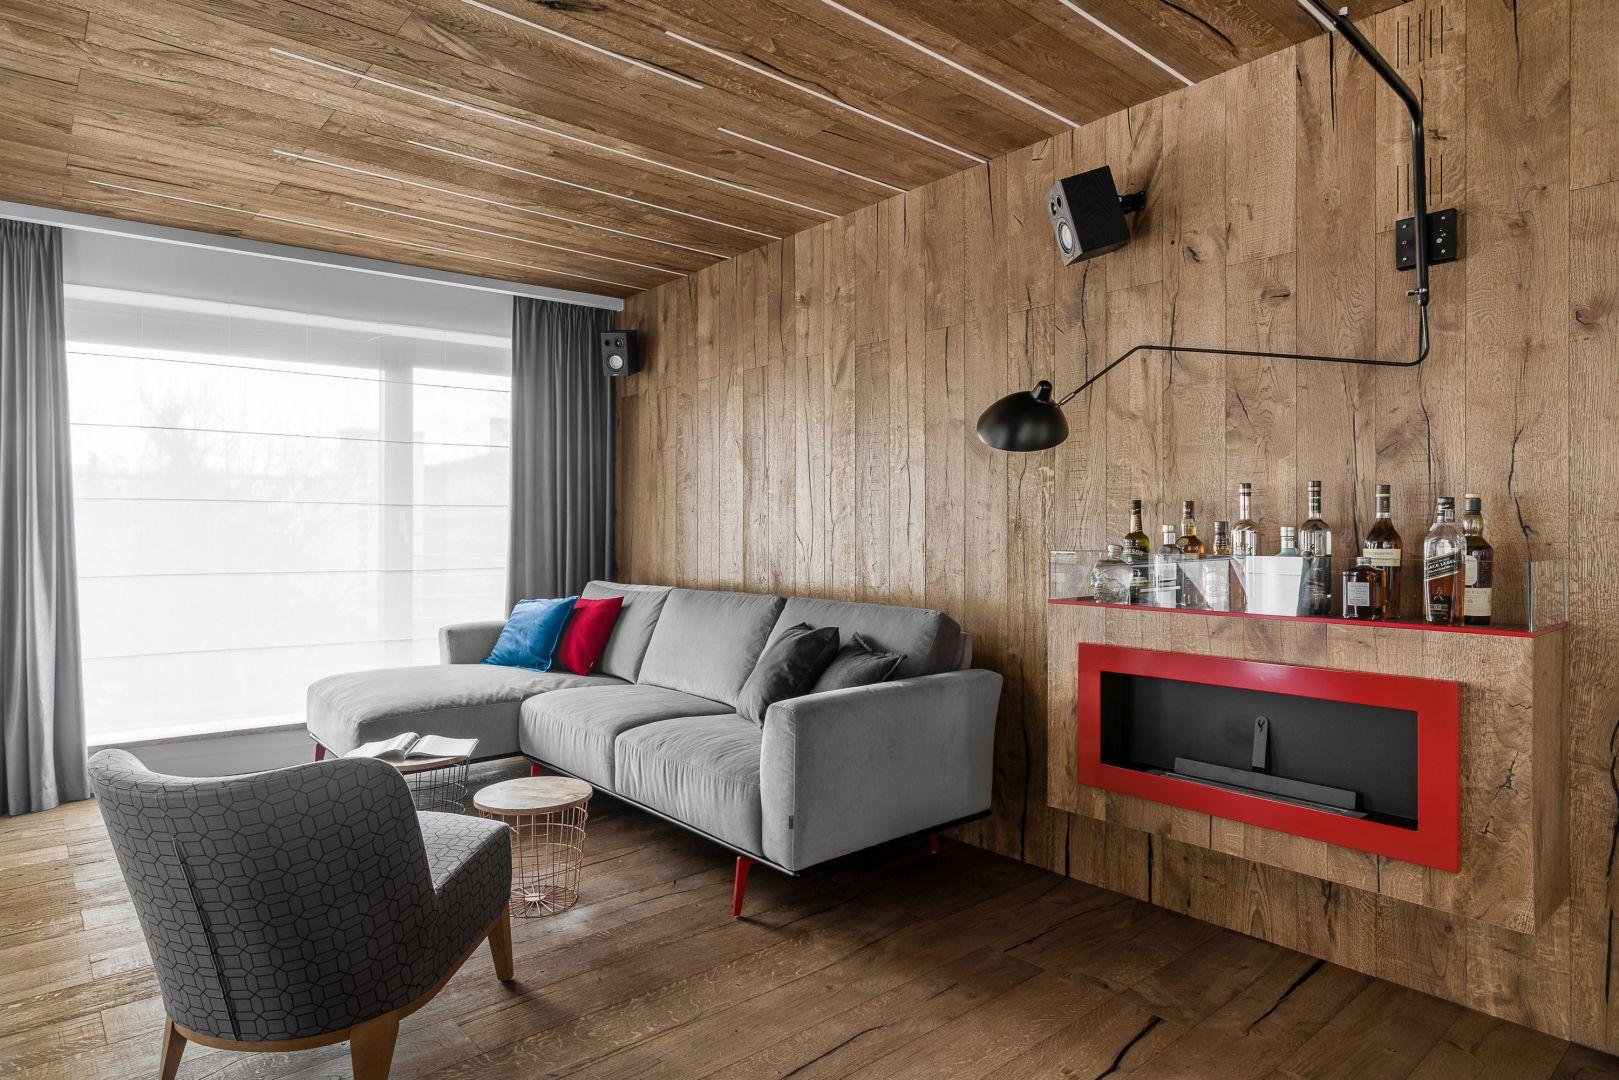 Coraz więcej uwagi przykładamy do wykończenia ścian w salonie, dbając nie tylko o zabezpieczenie ich powierzchni trwałym materiałem, ale także o efektowne wykończenie, które podkreśli charakter wnętrza. Projekt Anna Maria Sokołowska. Fot. Fotomohito